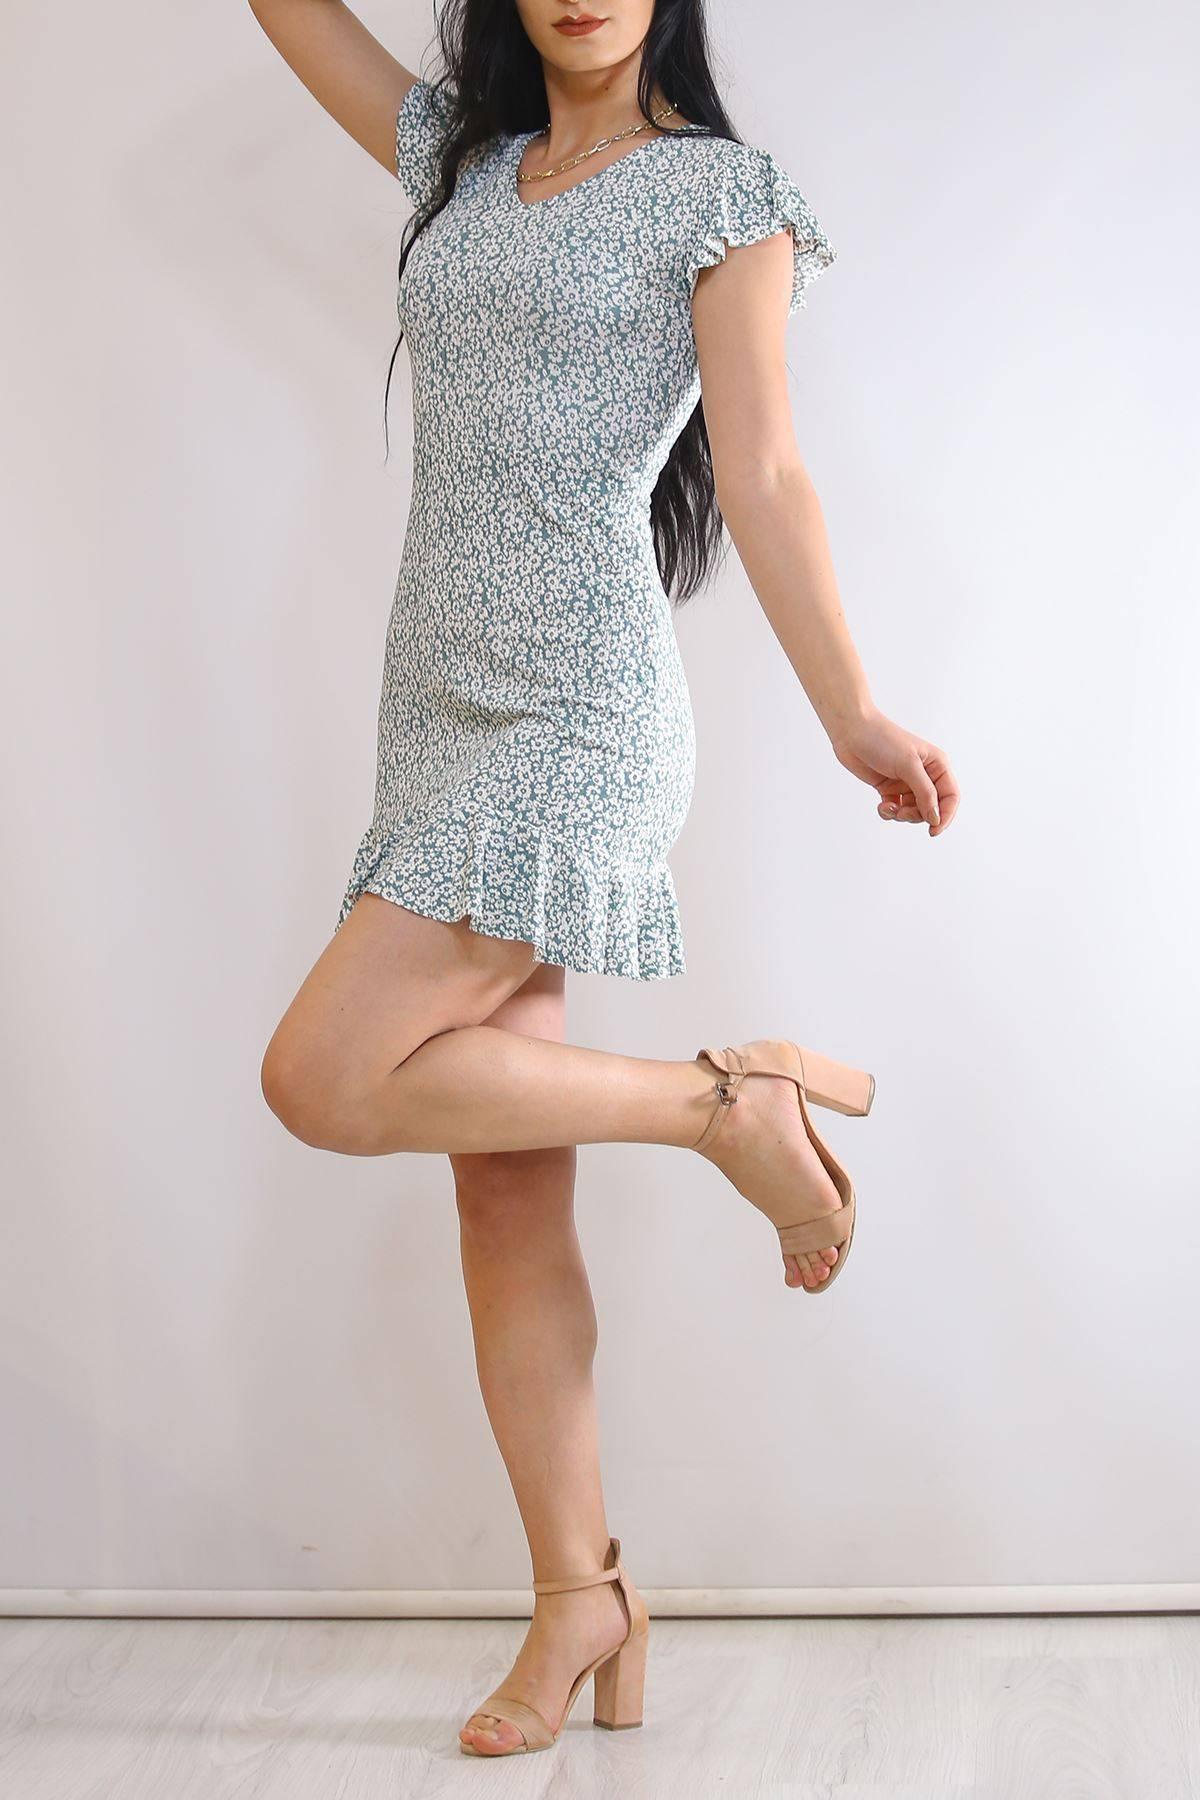 Altı Fırfırlı Elbise Çağla - 2255.555.